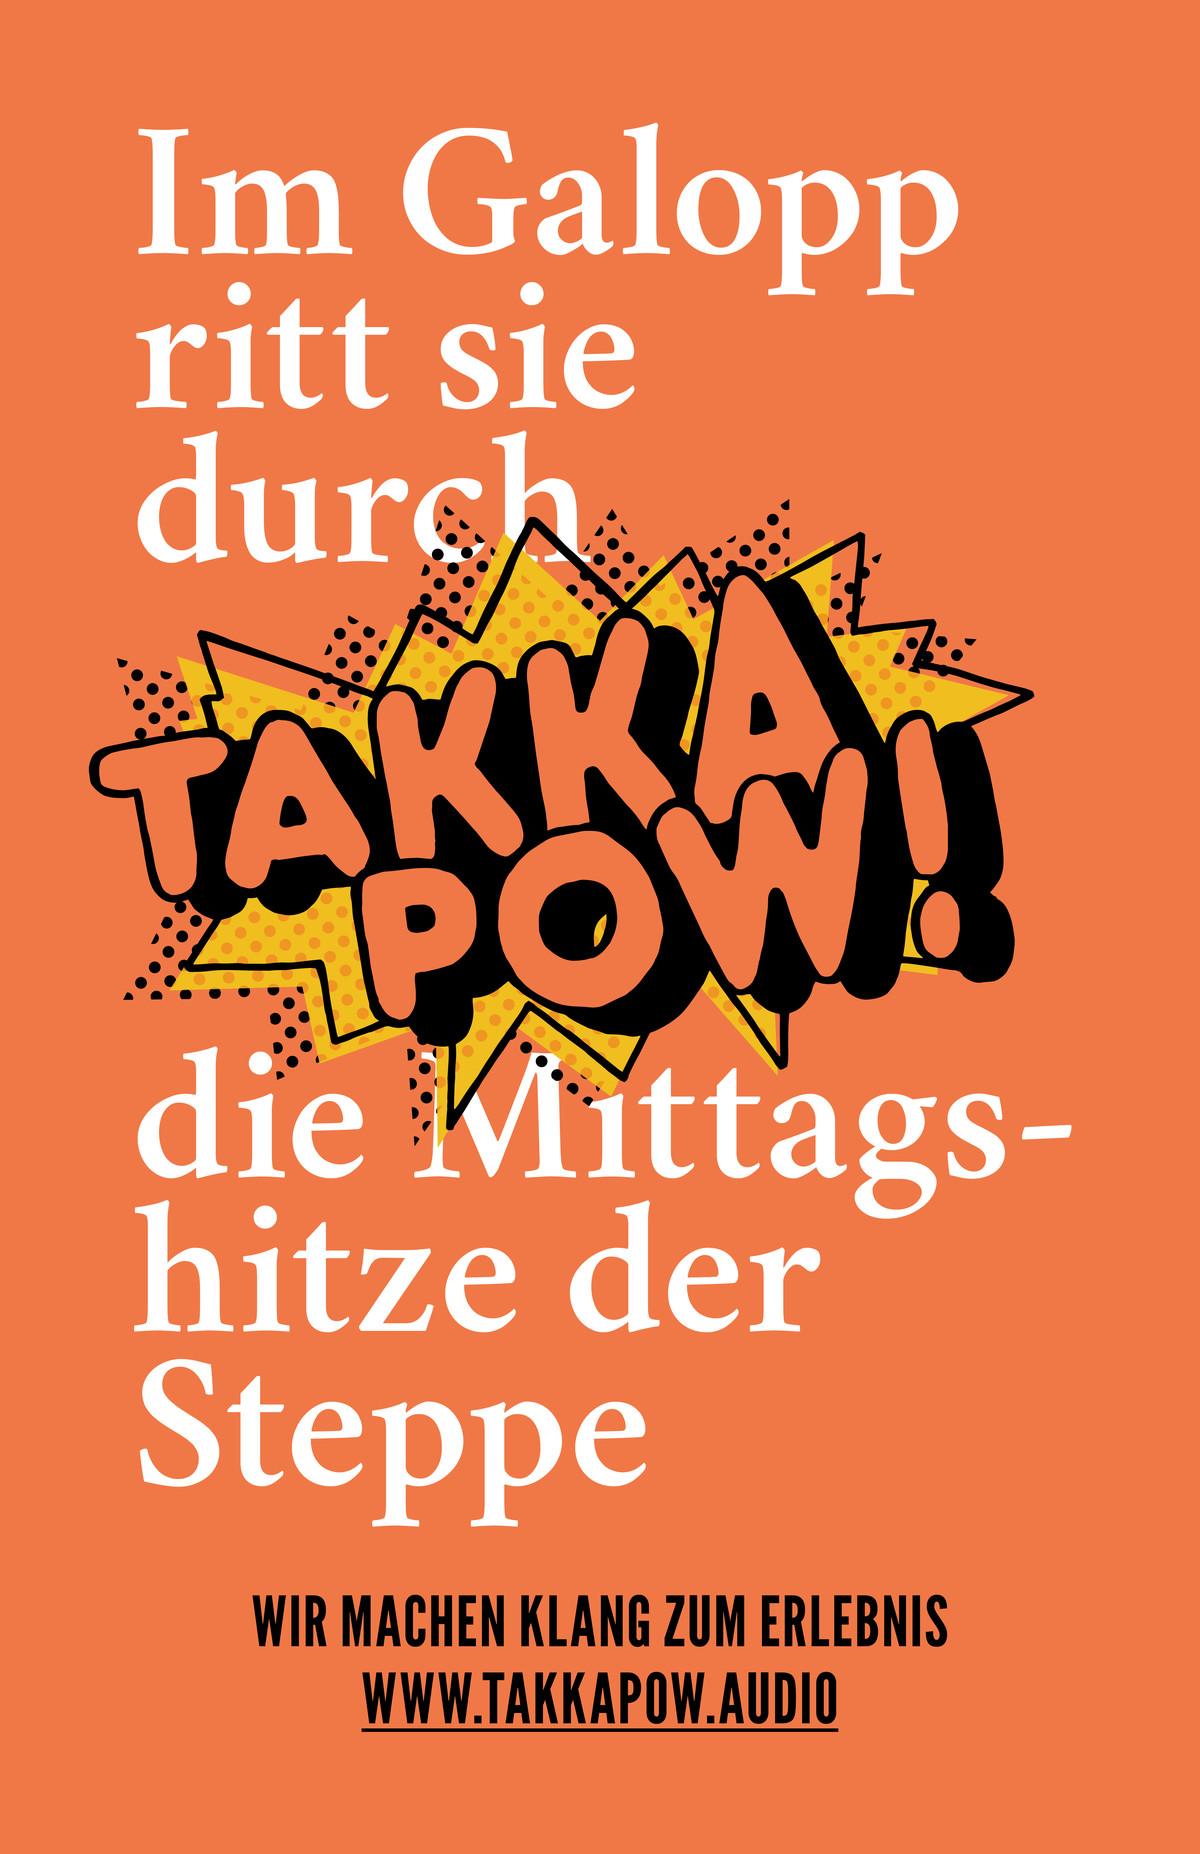 takkapow-text-06.jpg